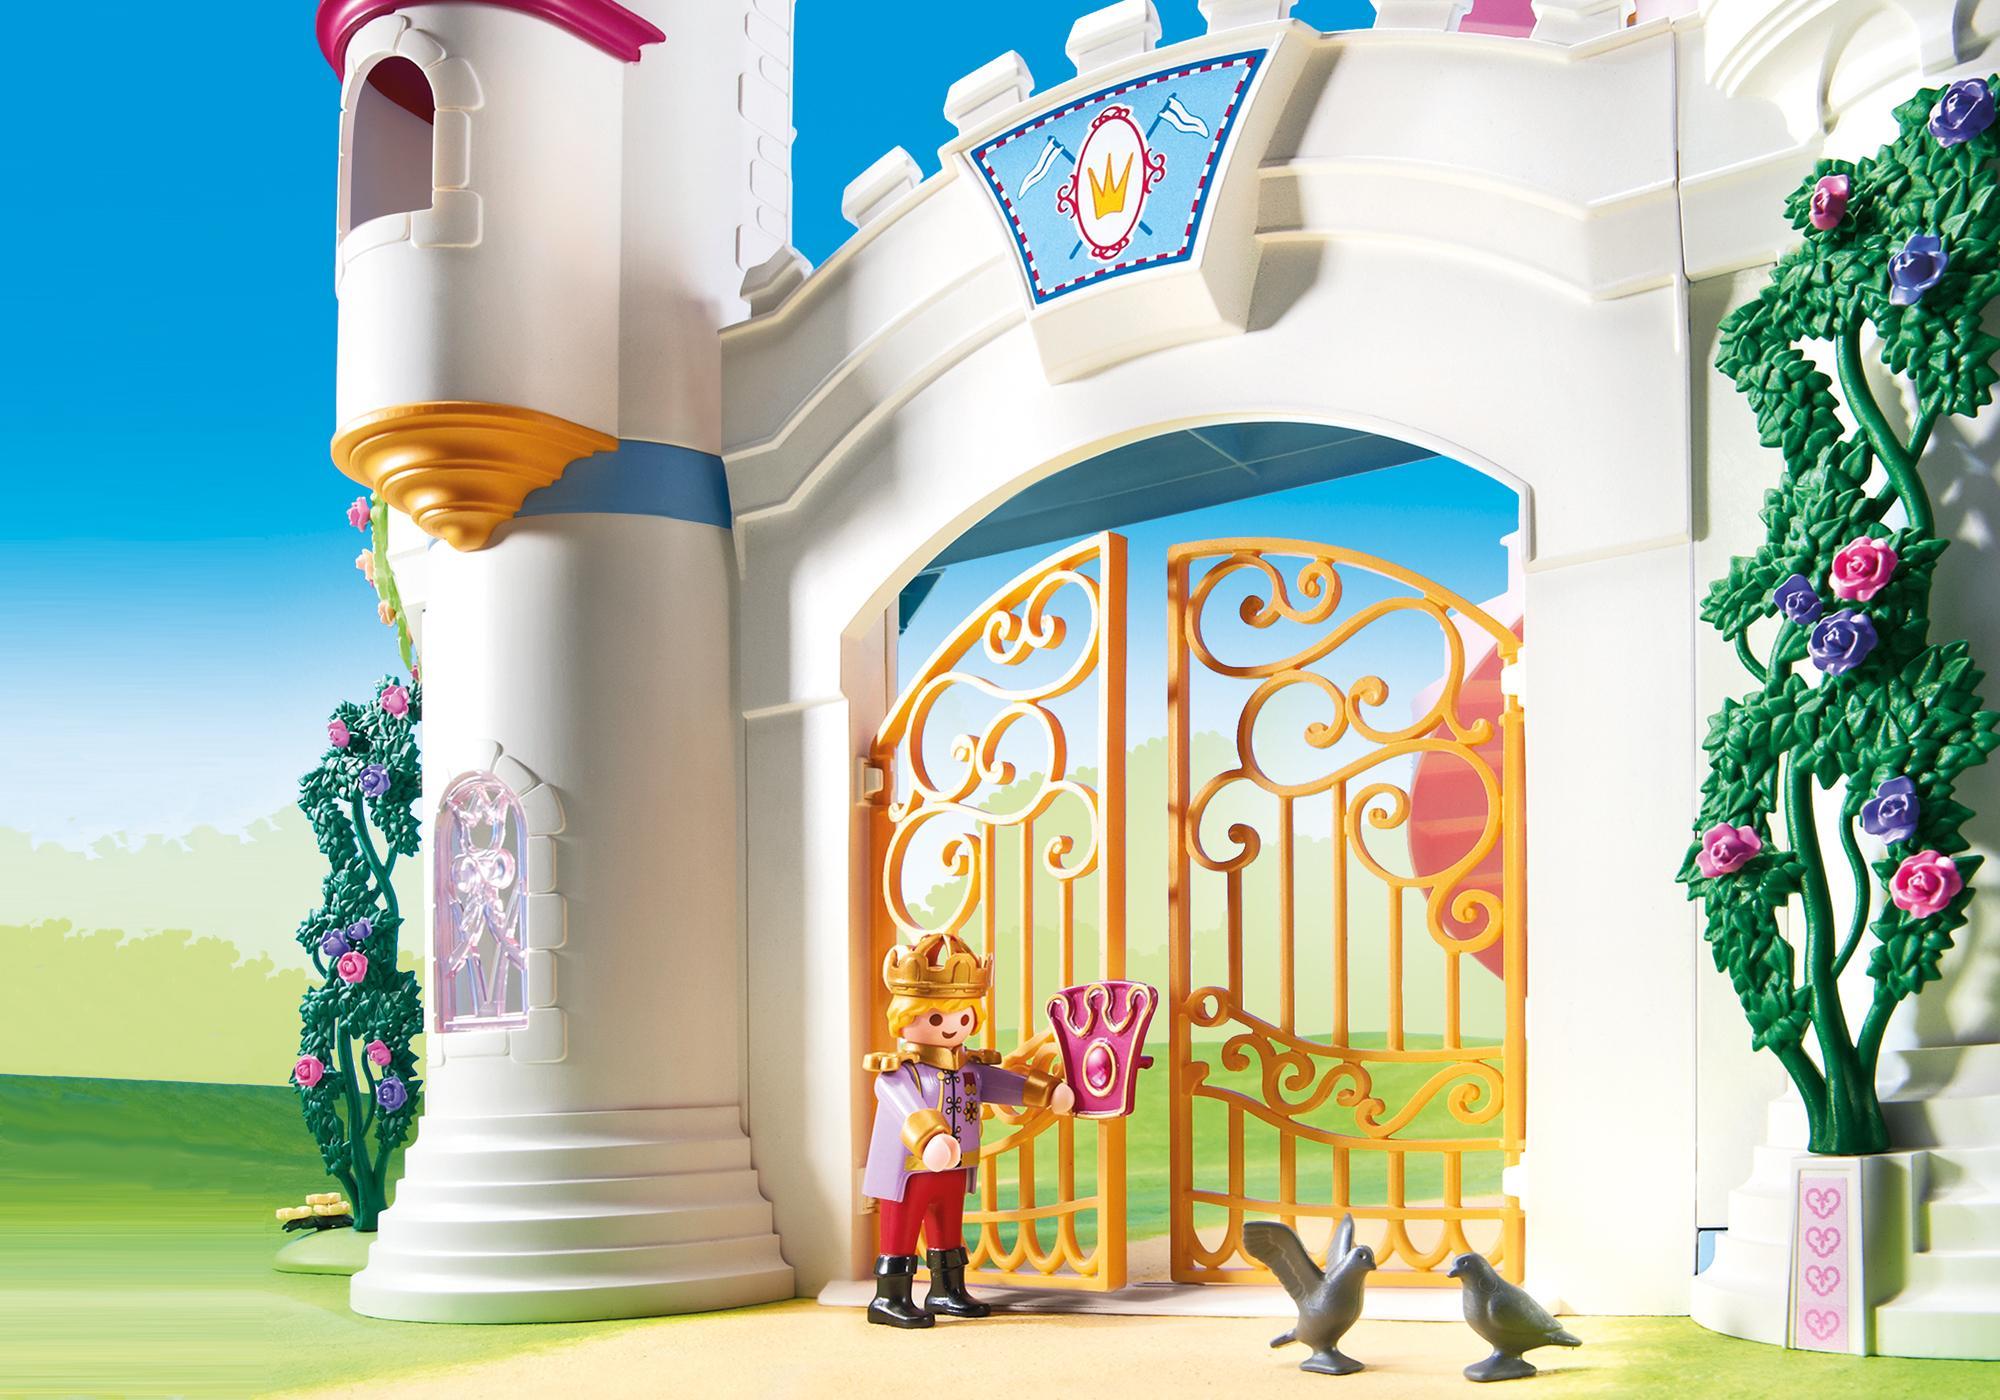 http://media.playmobil.com/i/playmobil/6848_product_extra3/Grand château de princesse